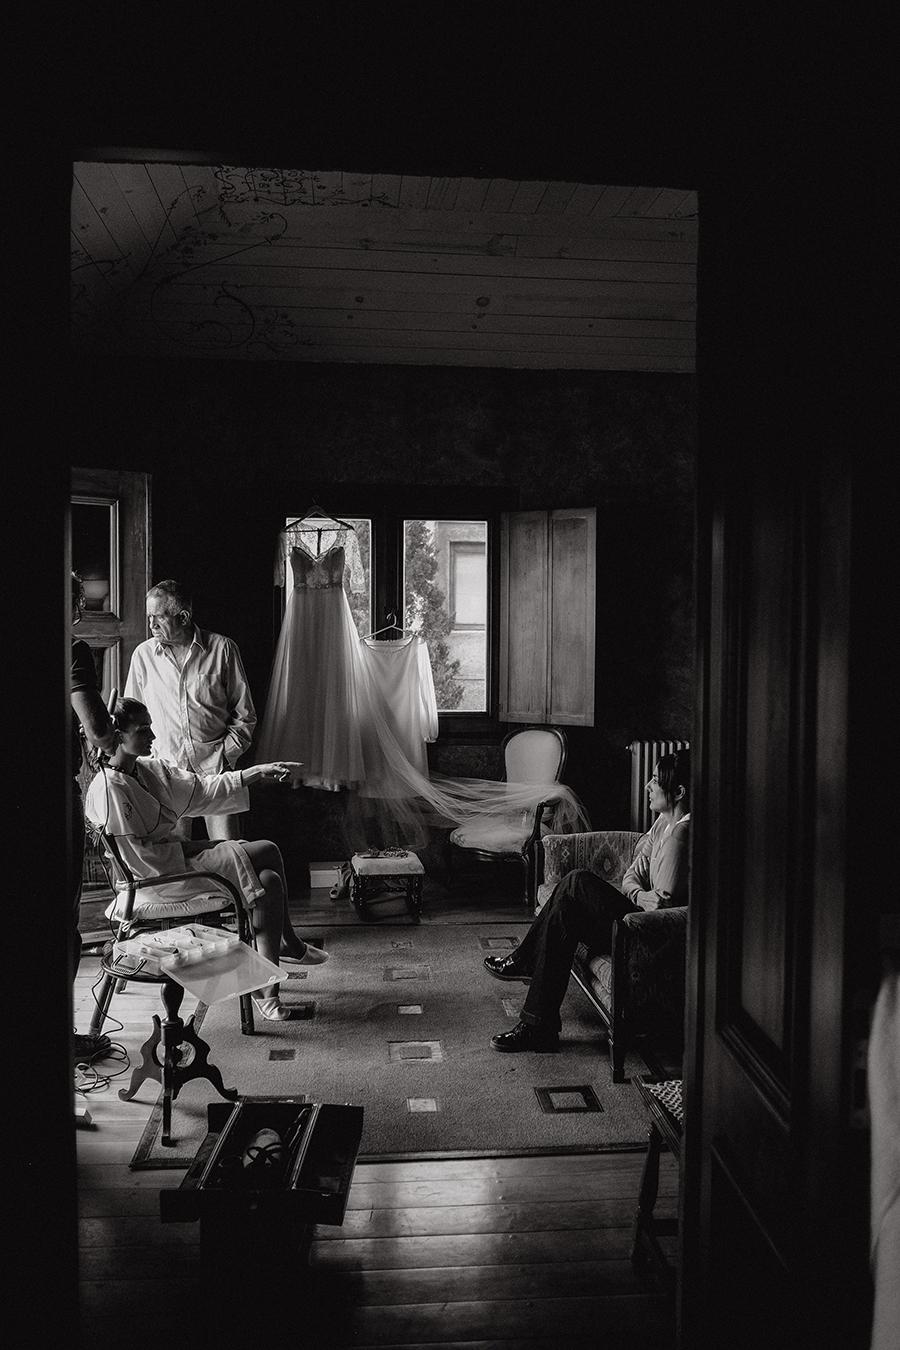 Casamiento en Villa la angostura - Neuquén - Facundo Santana 19